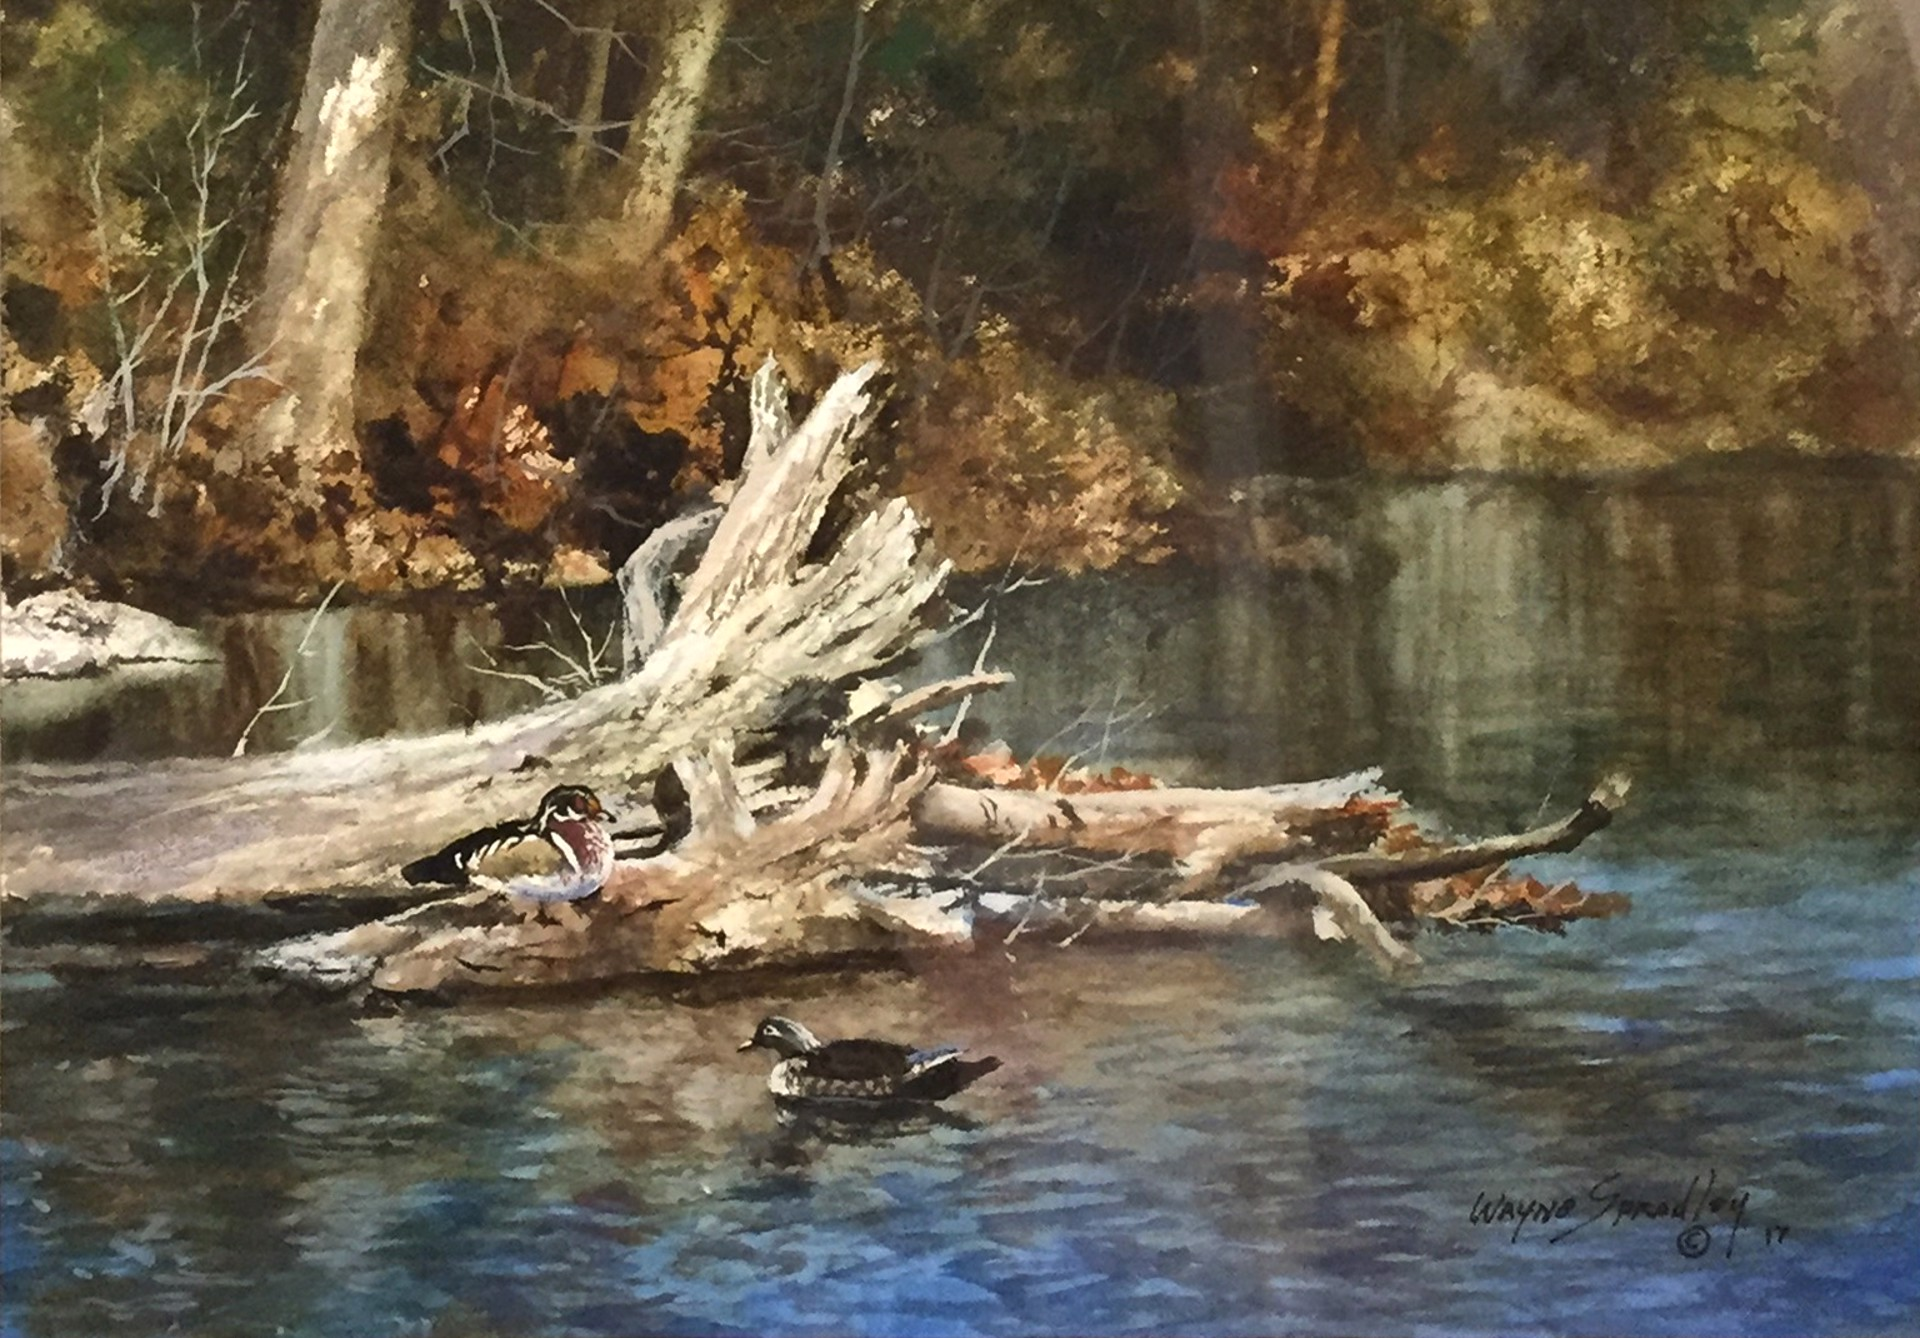 Kelly Creek Drift by Wayne Spradley